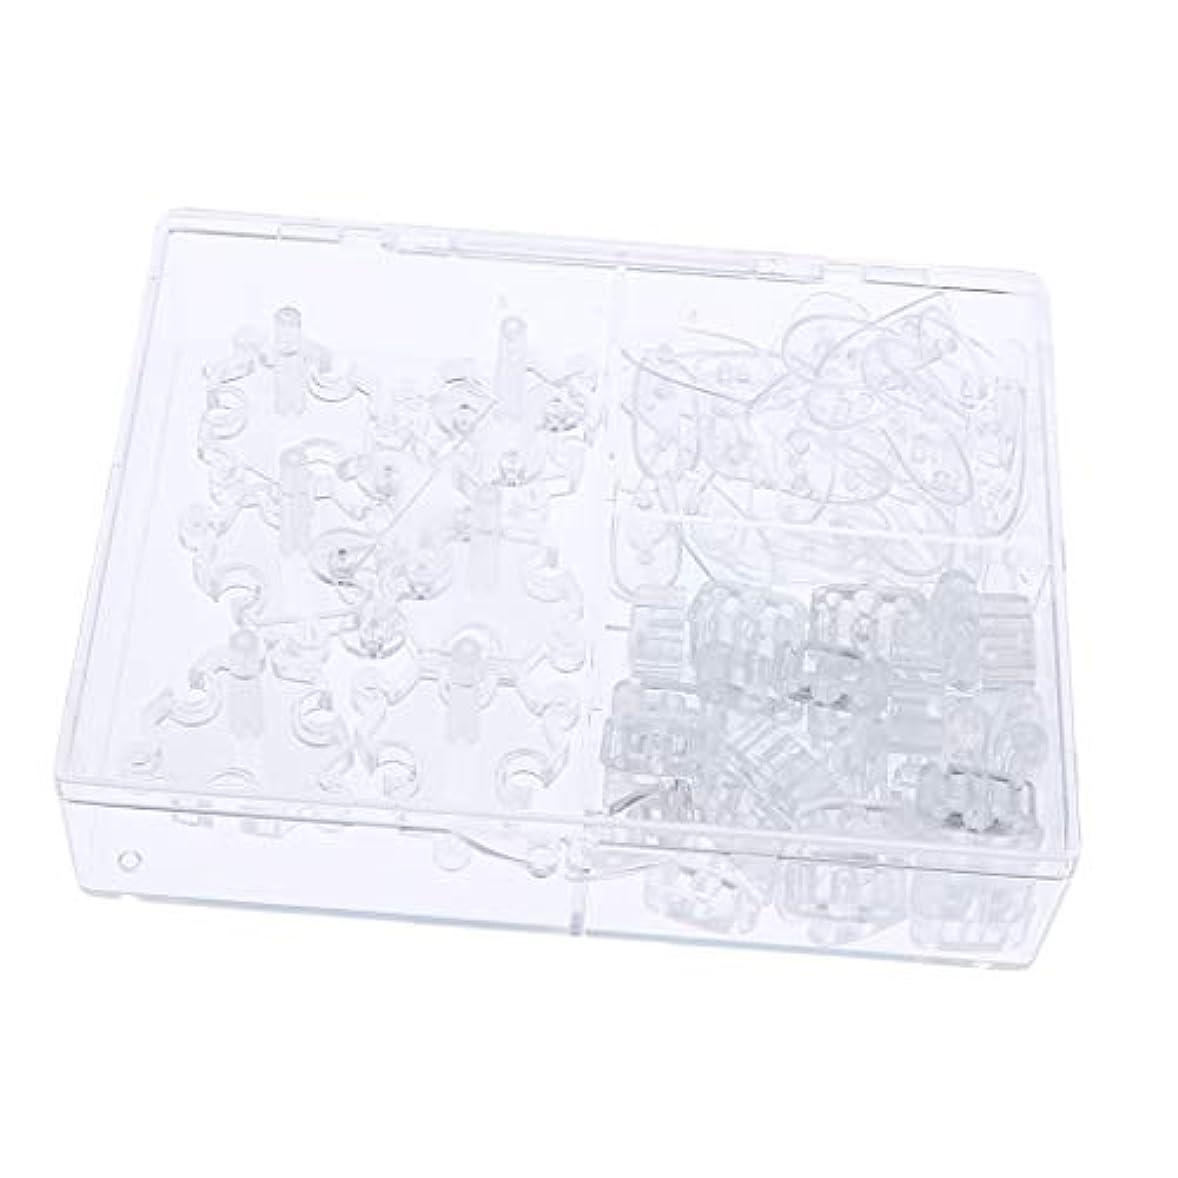 収縮スクラップブックファウルToygogo 107pcsプロサロンネイルアートチップディス取り外し可能なネイルアートトレーニング練習ツール